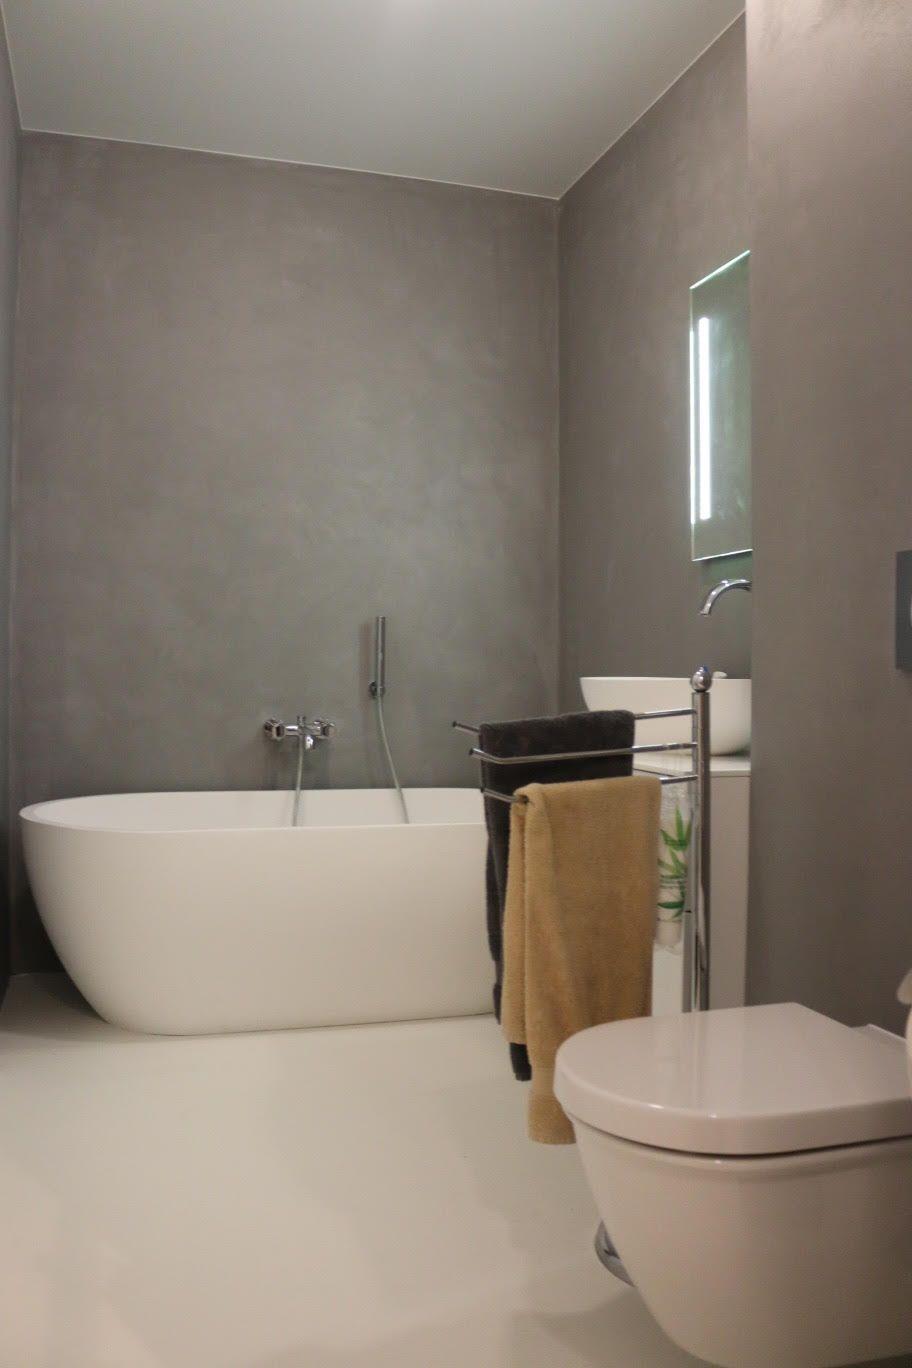 mur en b ton gris el phant salles de bains en b ton cir. Black Bedroom Furniture Sets. Home Design Ideas